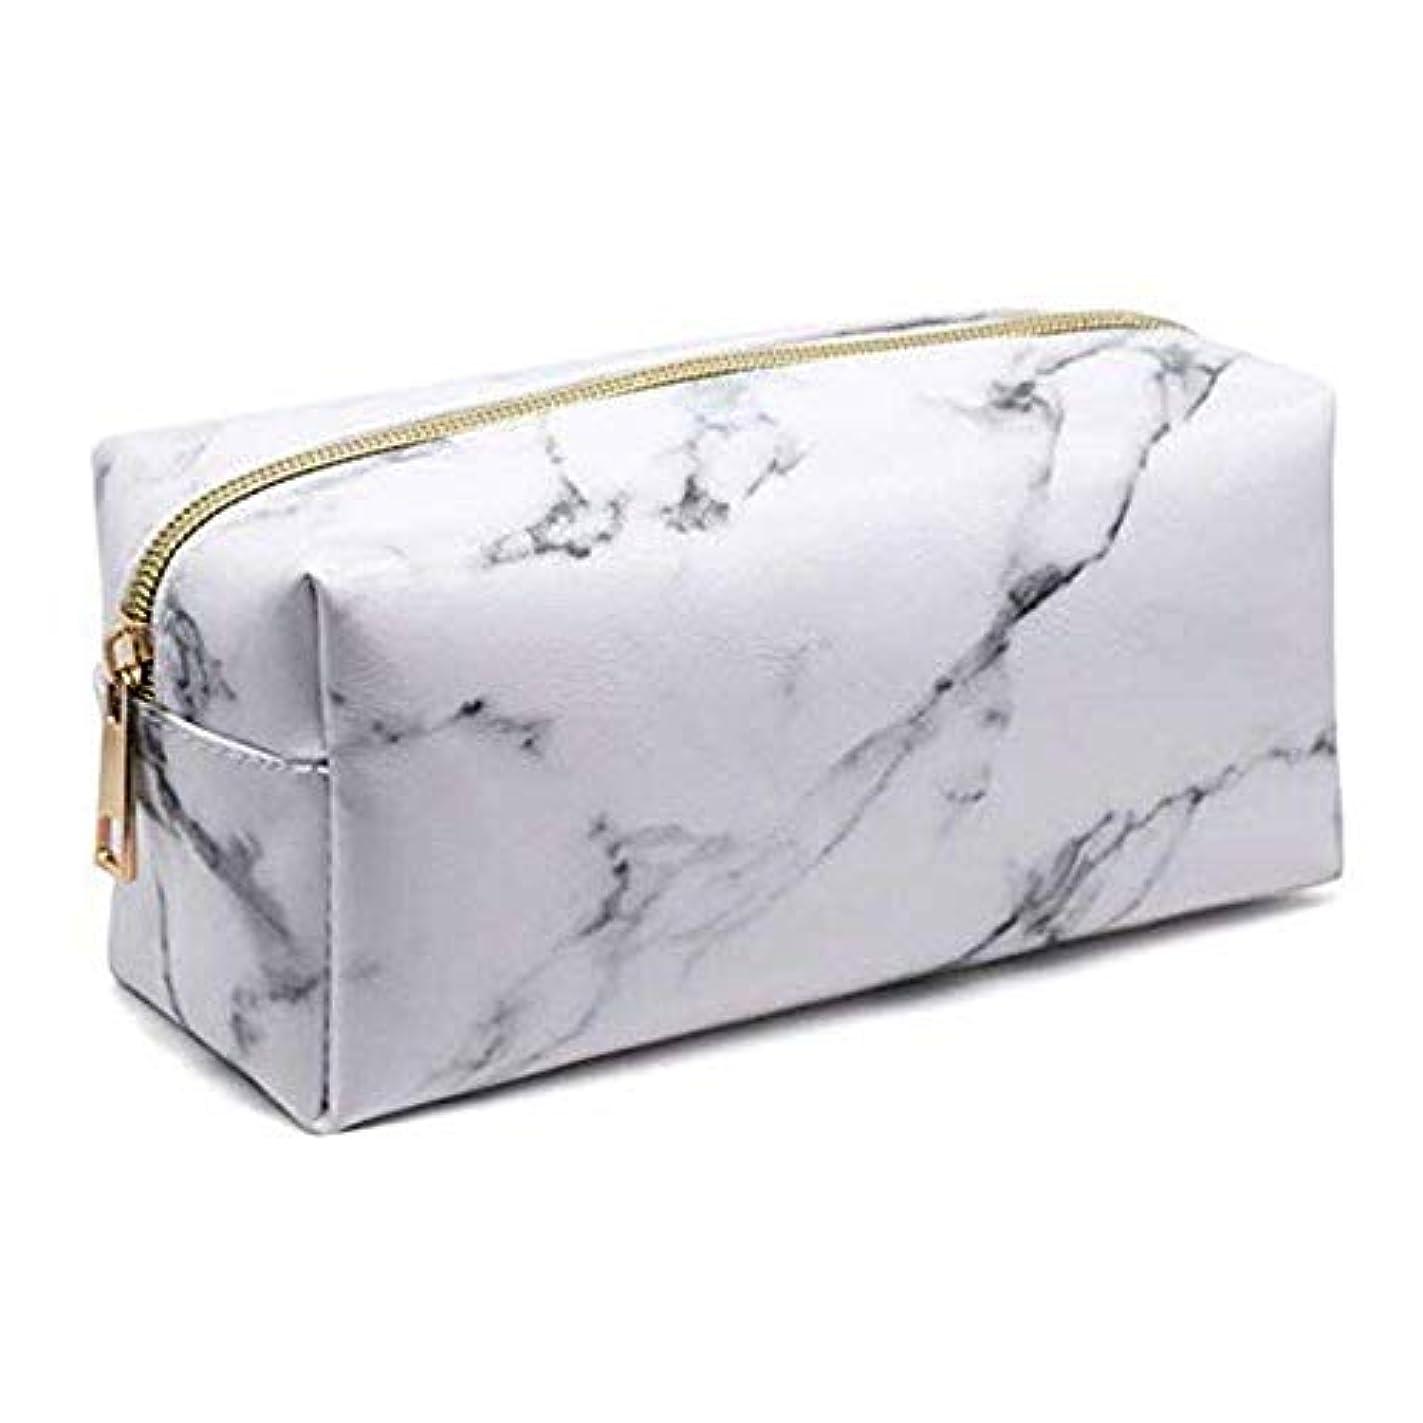 ストレッチ裕福な復活Pichidr-JP 化粧品袋化粧品袋ゴールドジッパー旅行ウォッシュバッグ化粧品収納袋付き屋外